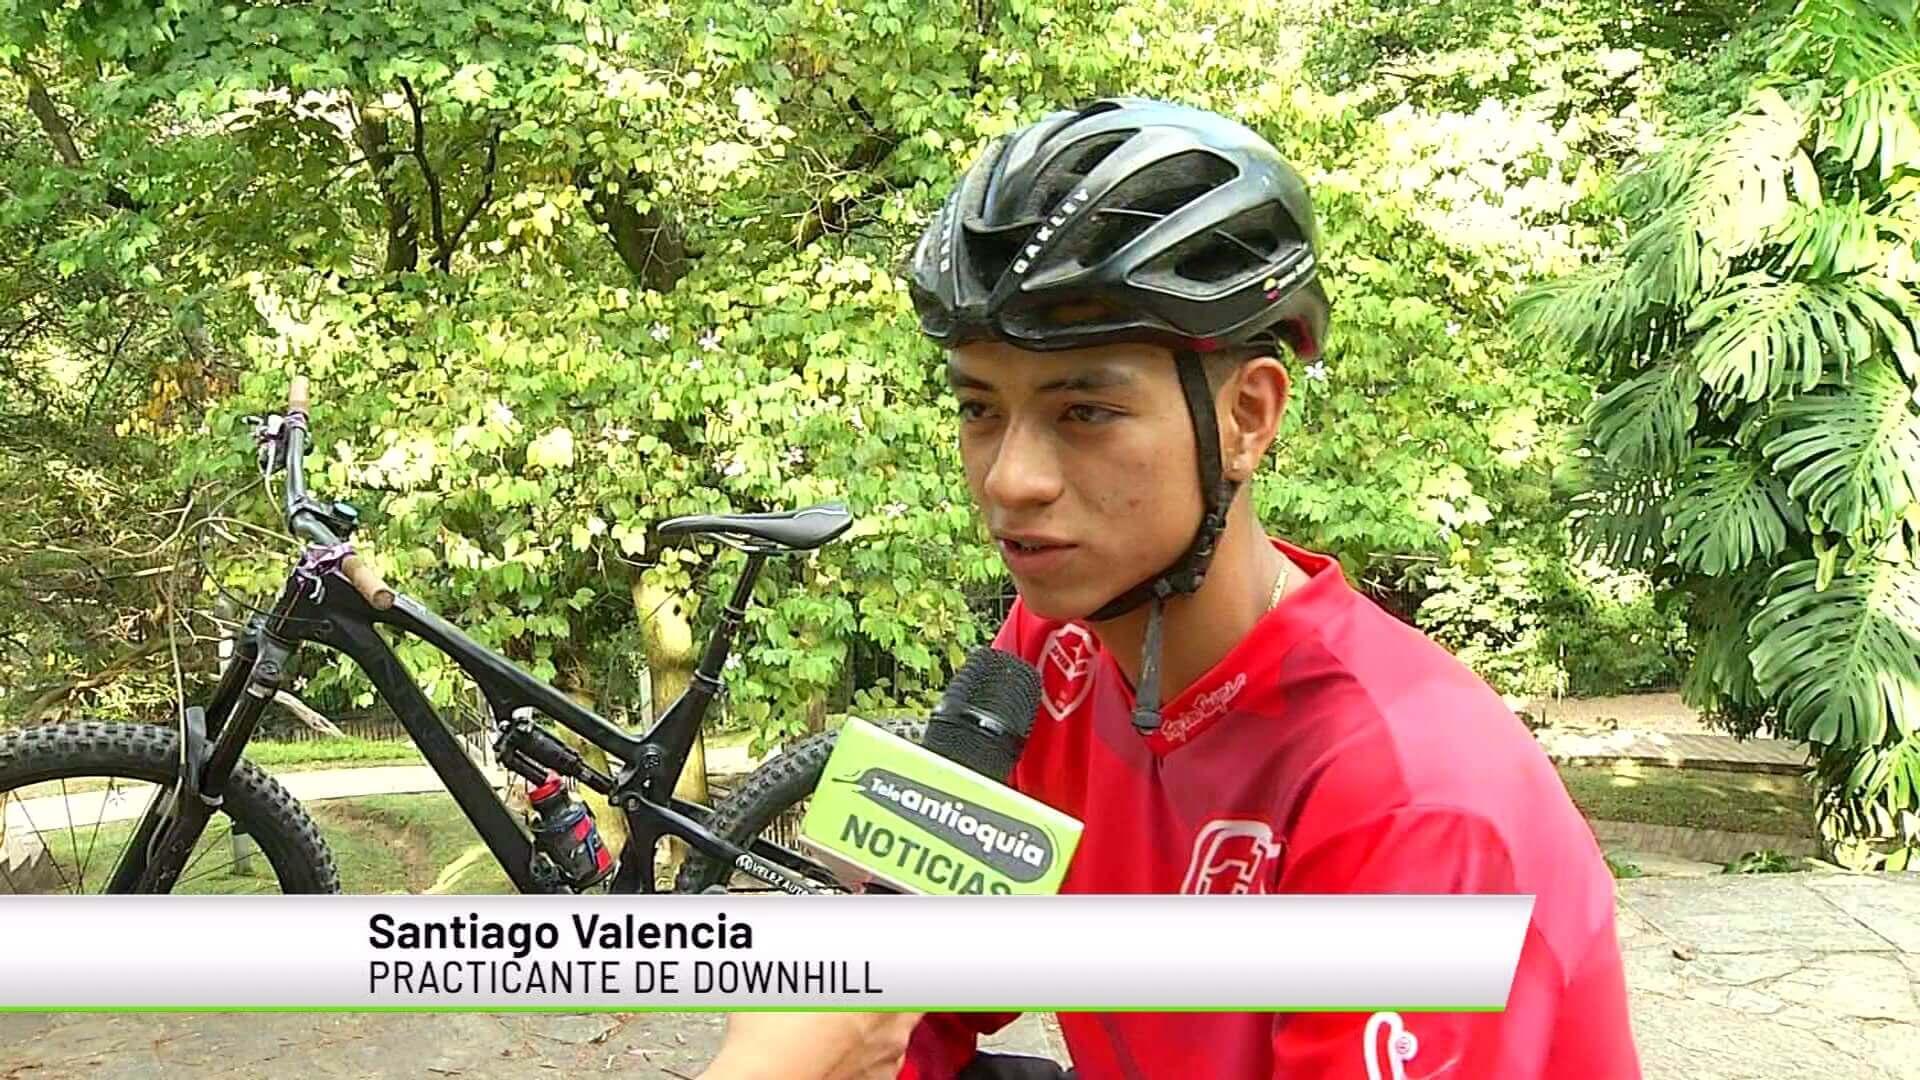 Talento antioqueño recauda recursos para representar al país en Downhill